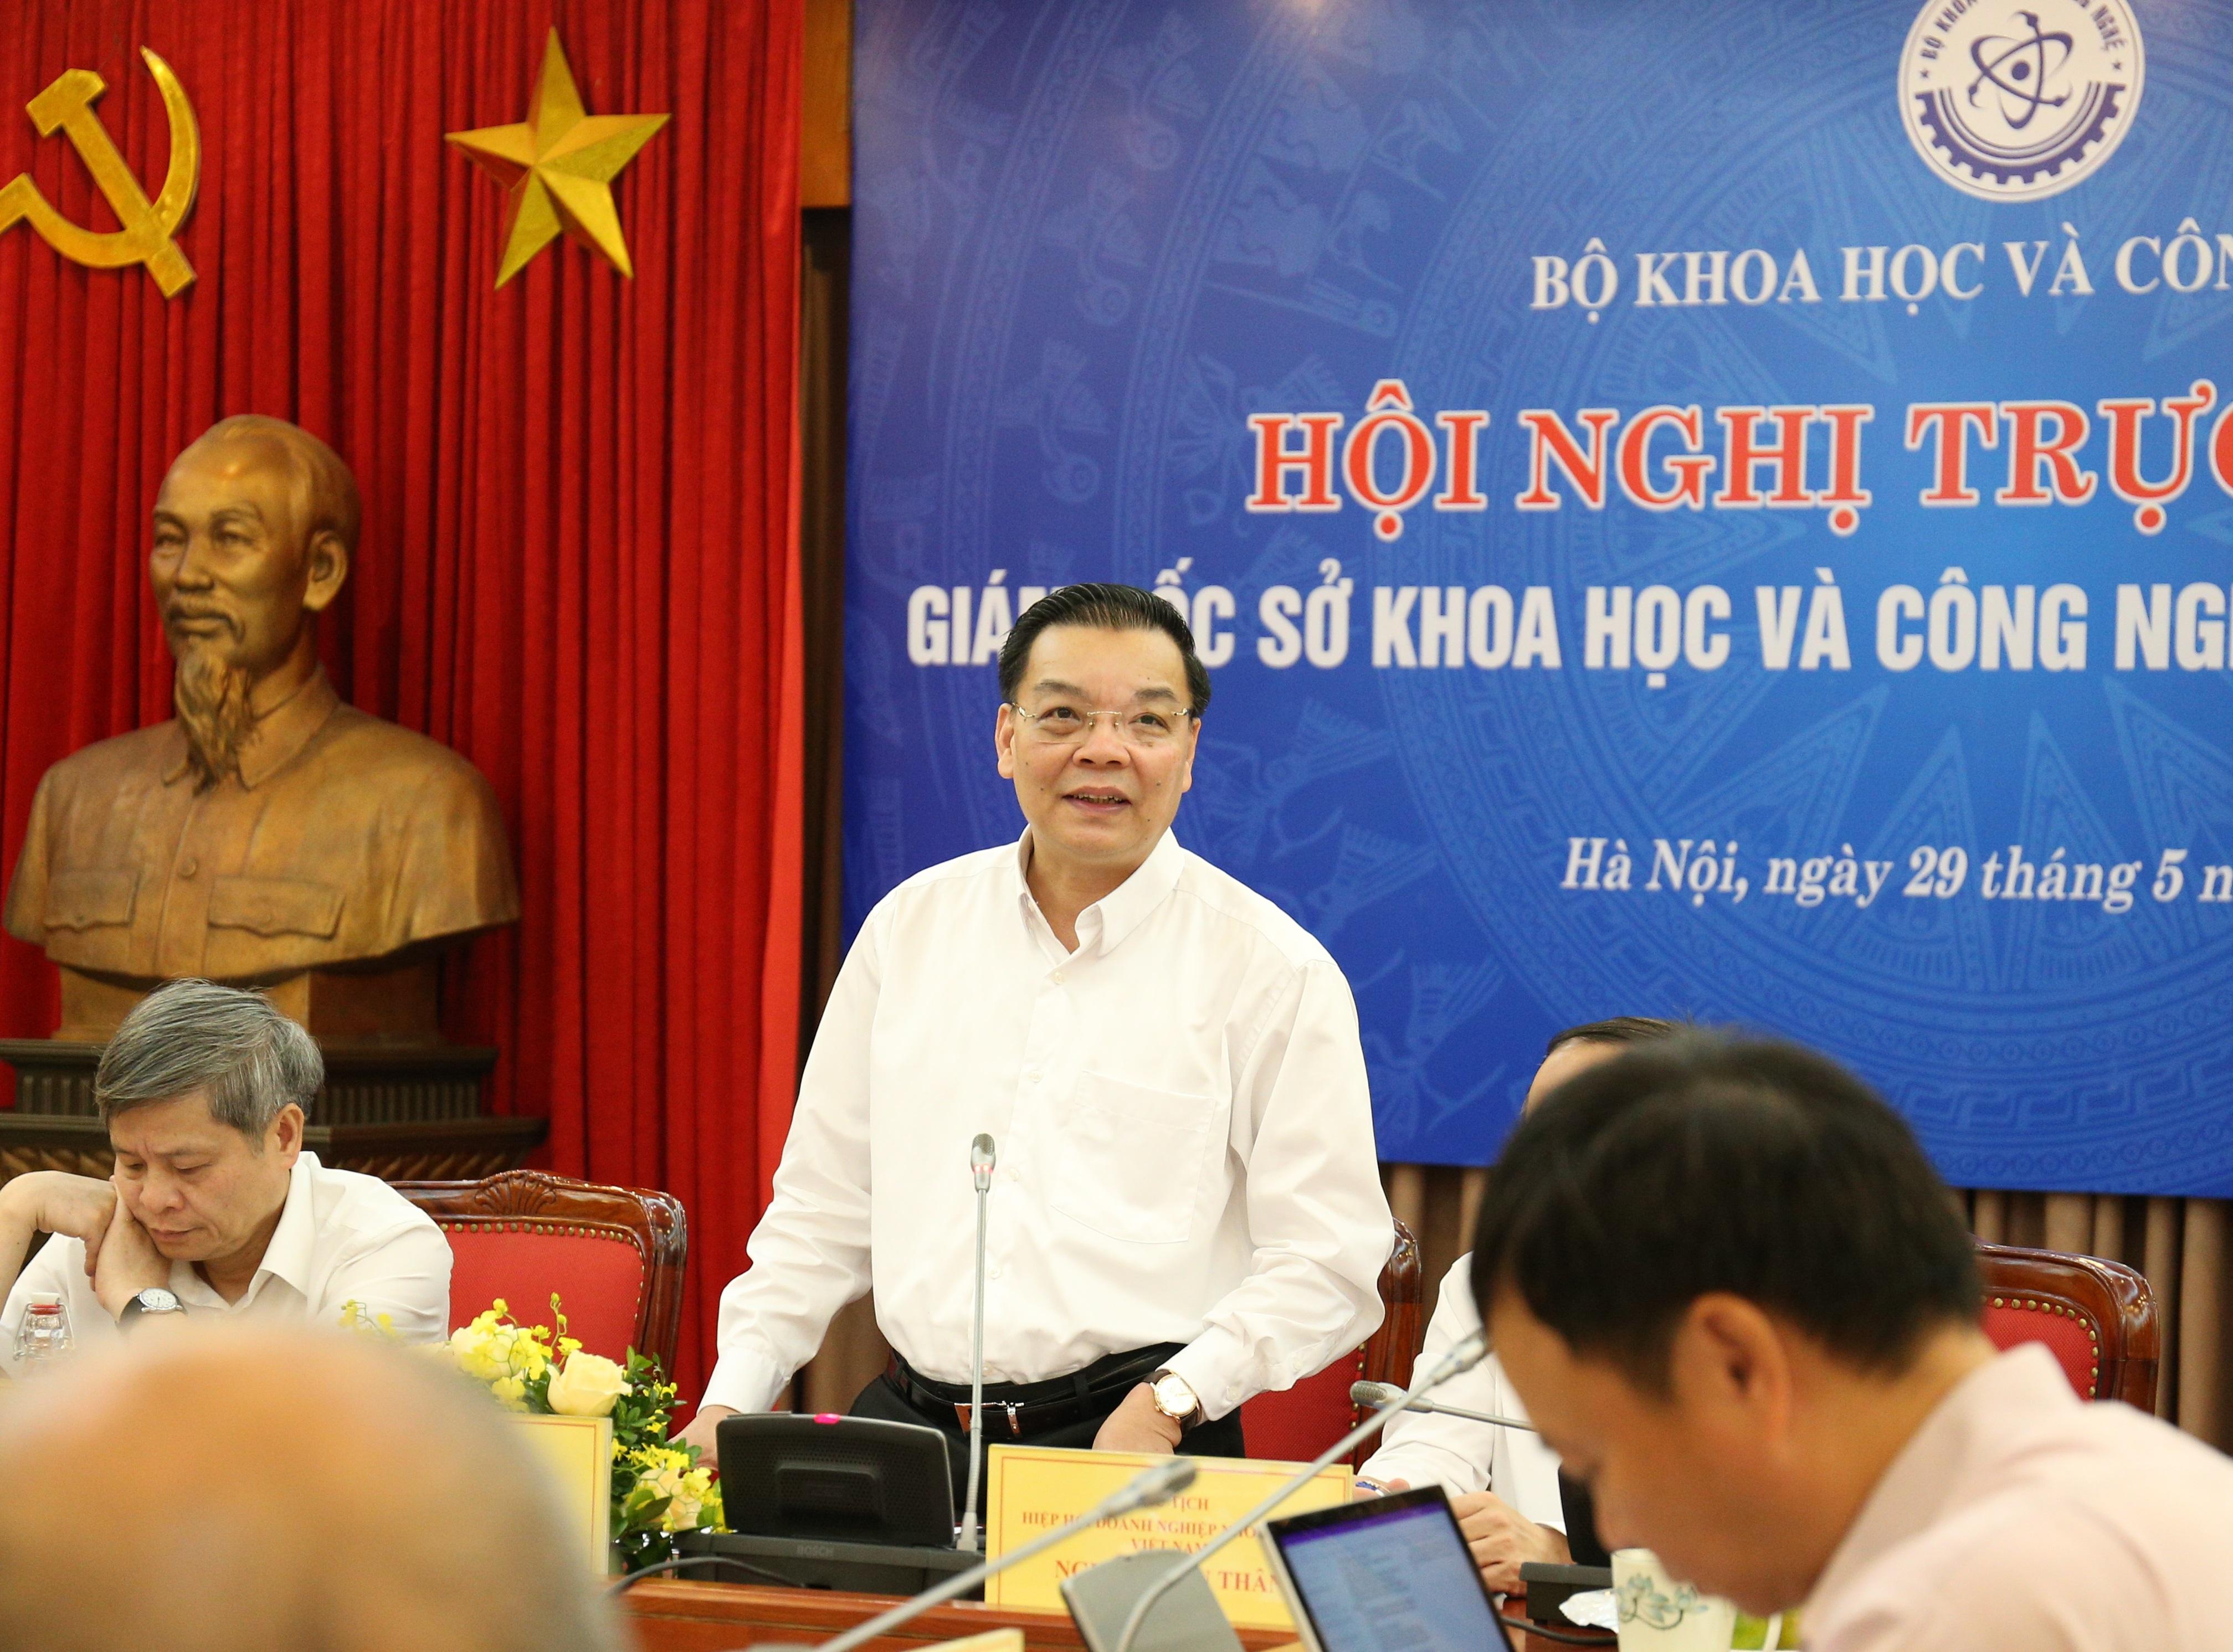 Bộ trưởng Bộ KH&CN Chu Ngọc Anh tại Hội nghị.